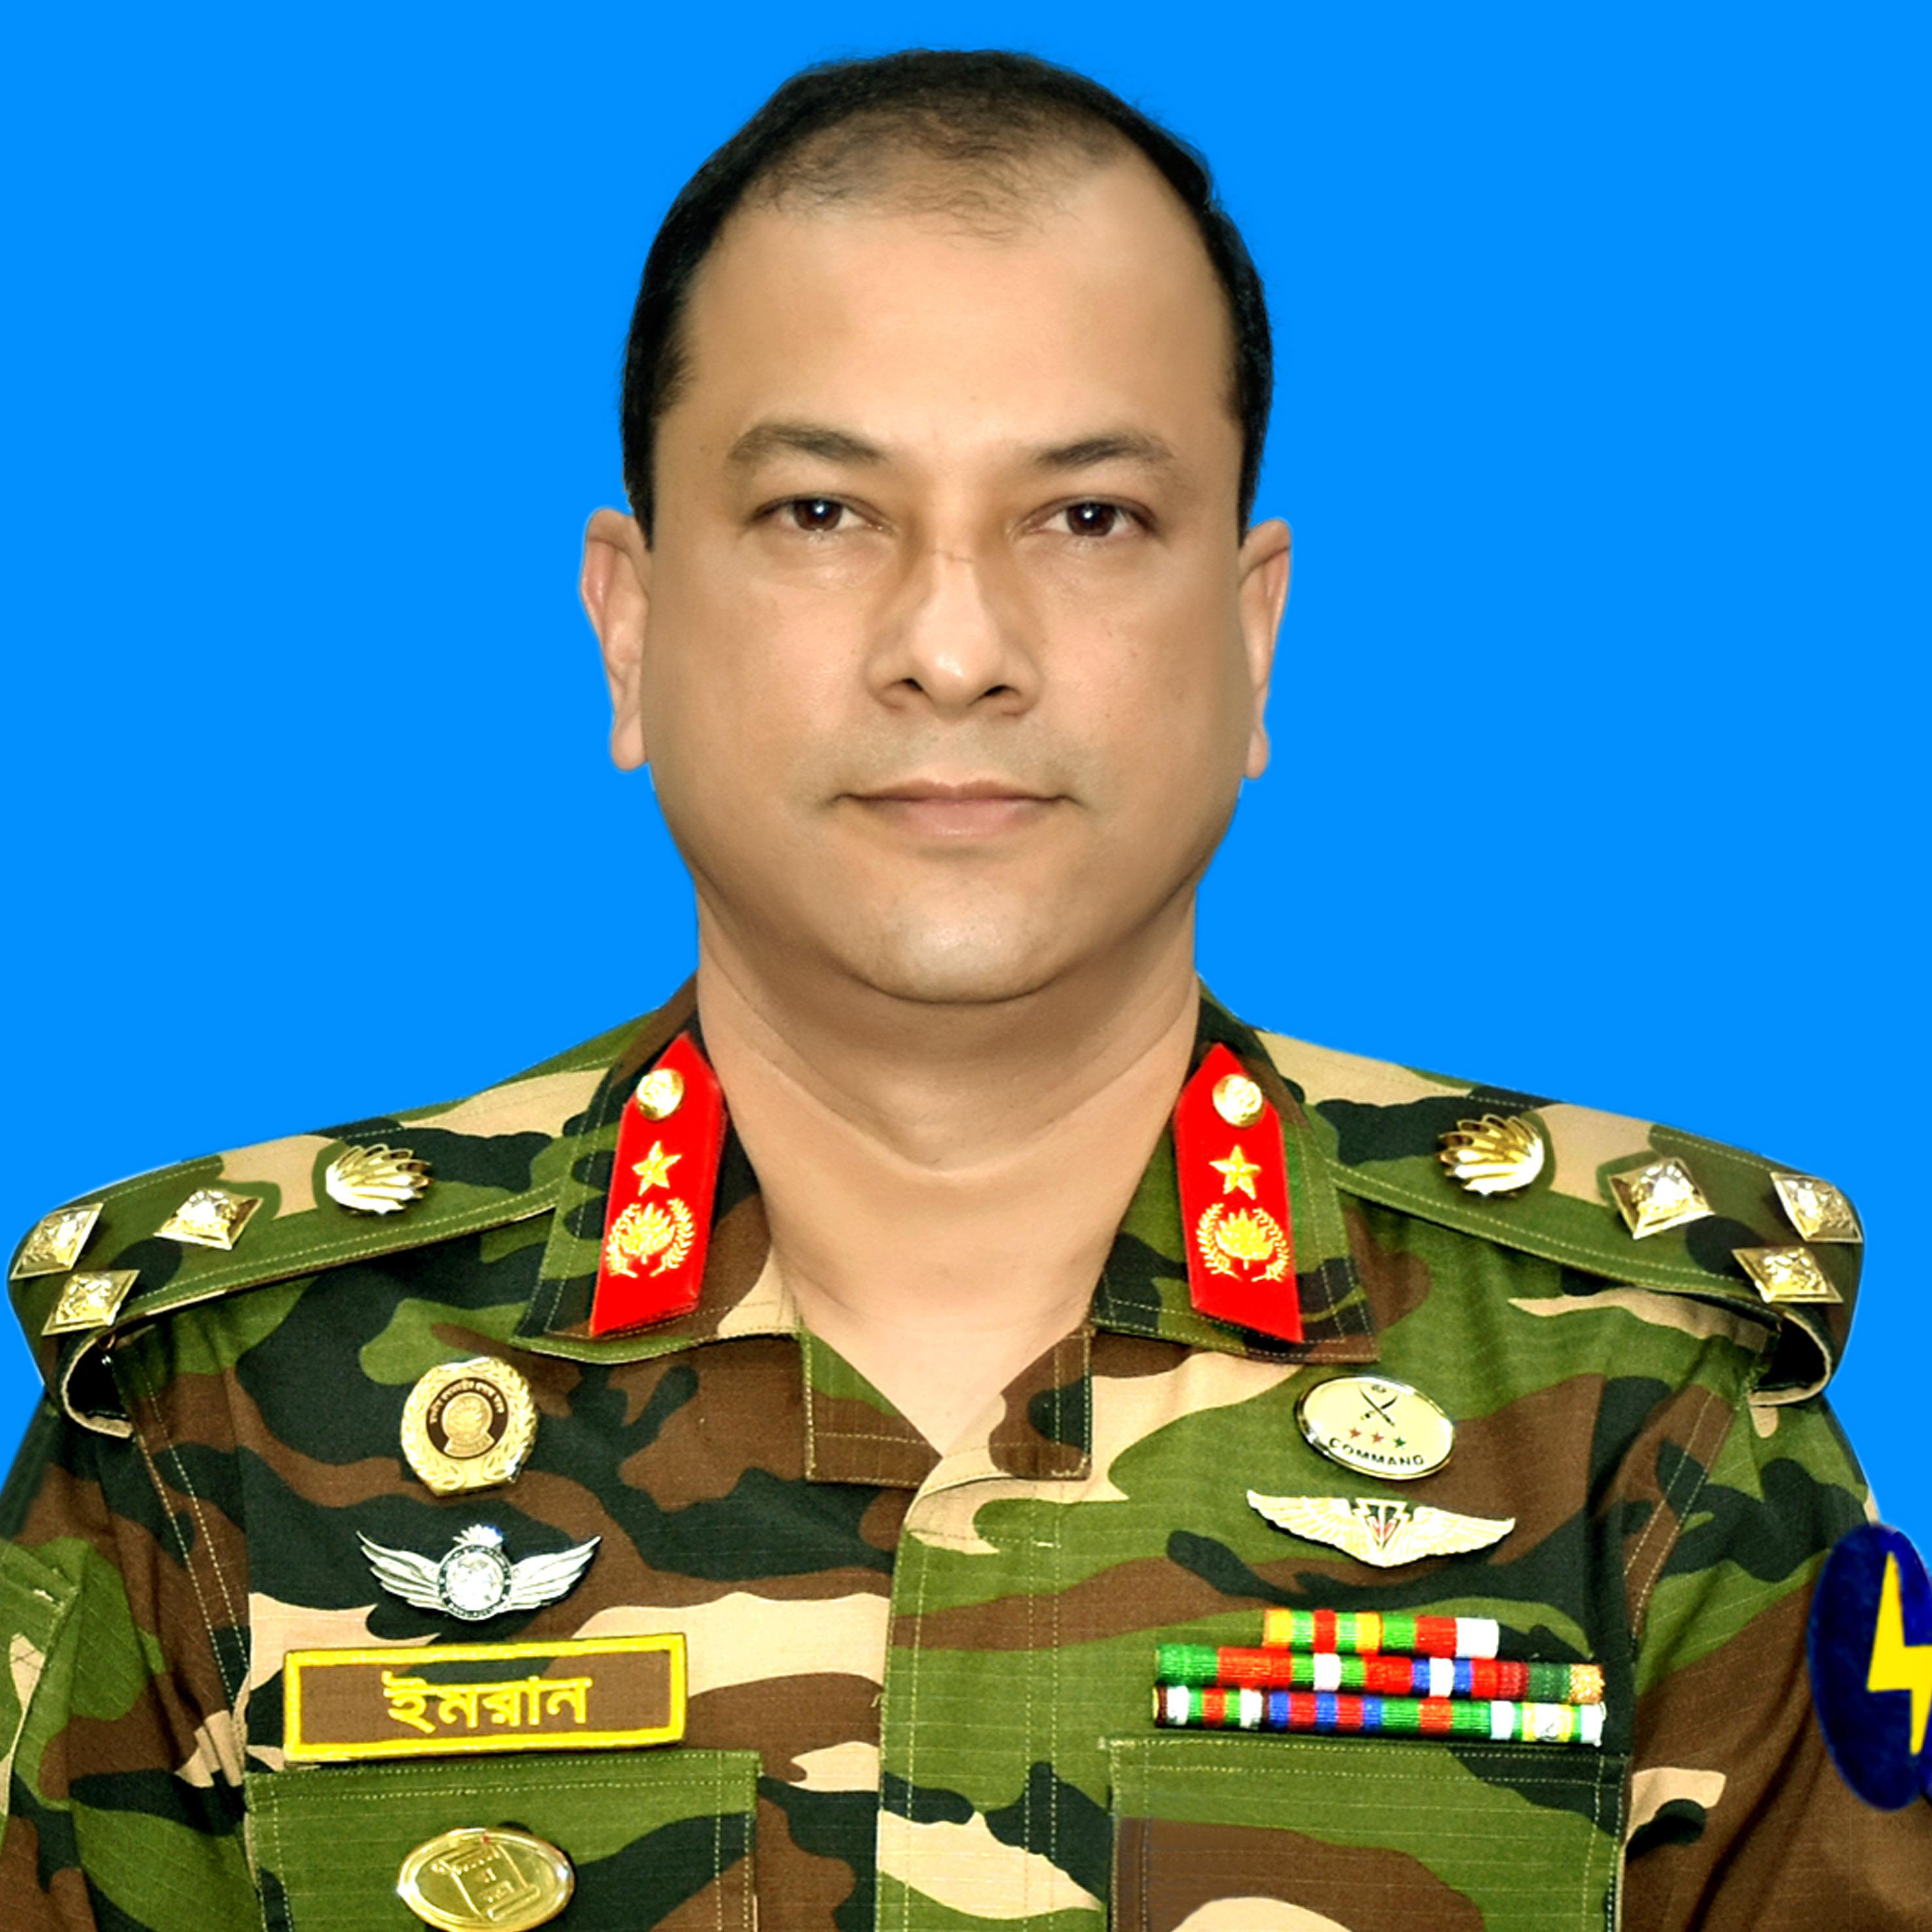 Brigadier General M Imran Hamid, afwc, psc